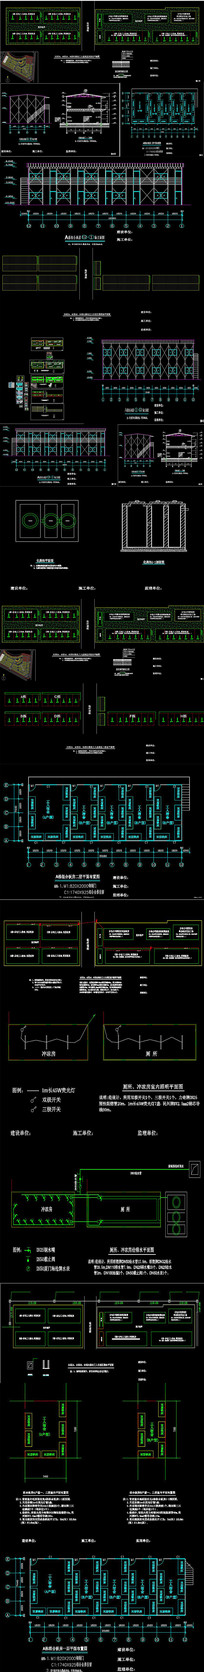 活动板房CAD图纸